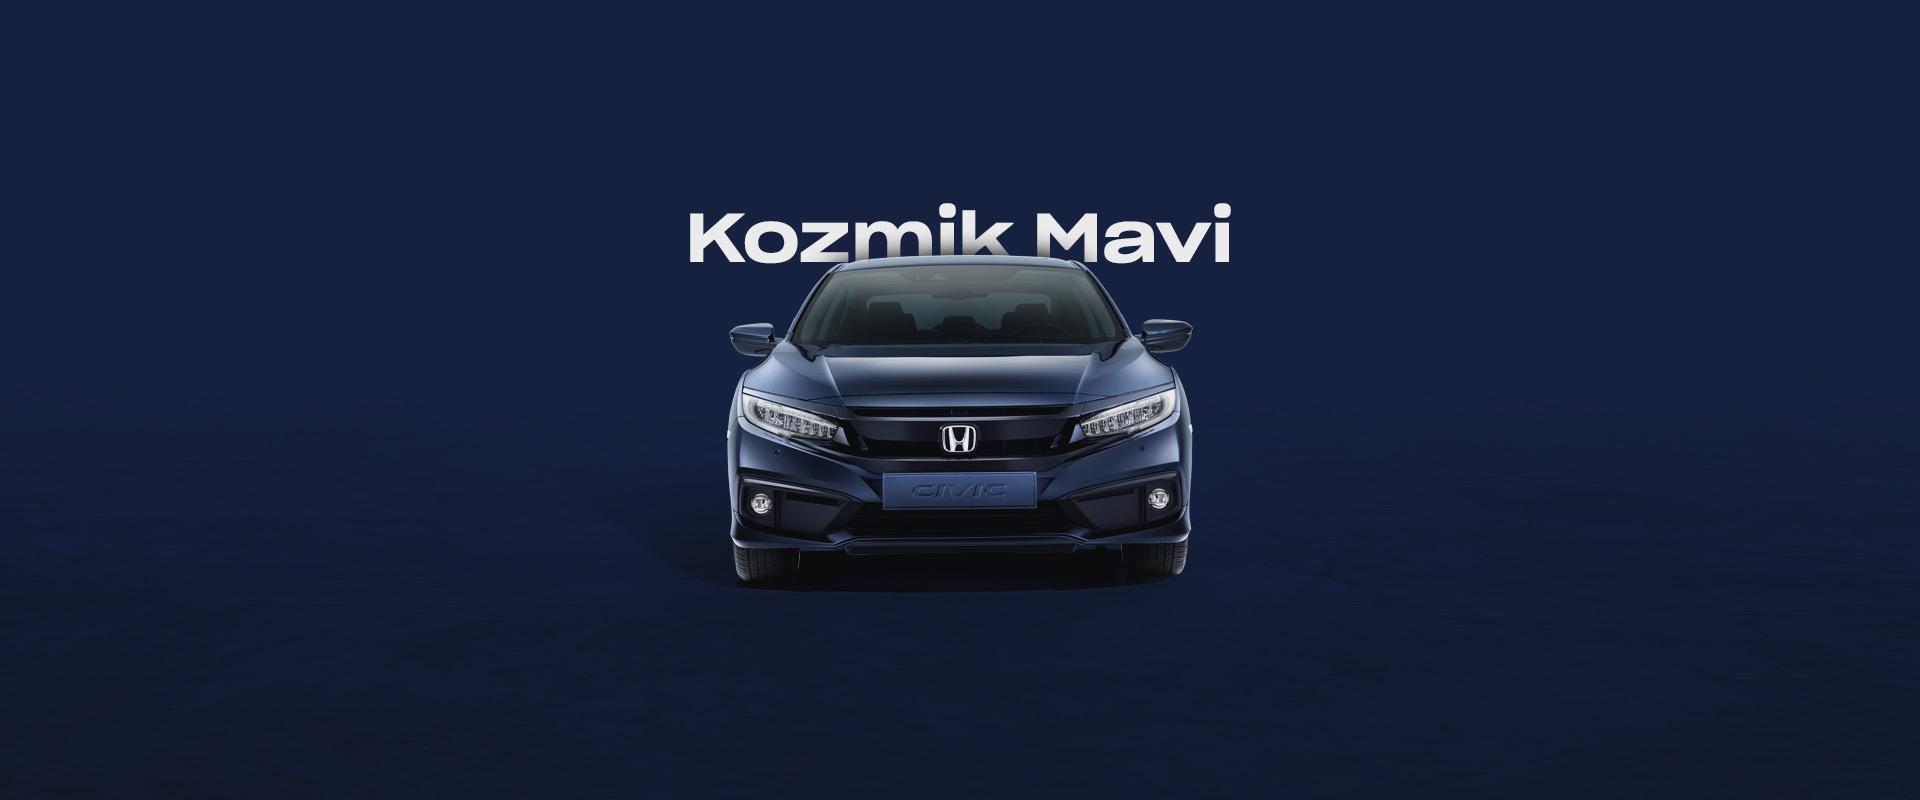 Honda Plaza  Marmara Kozmik Mavi